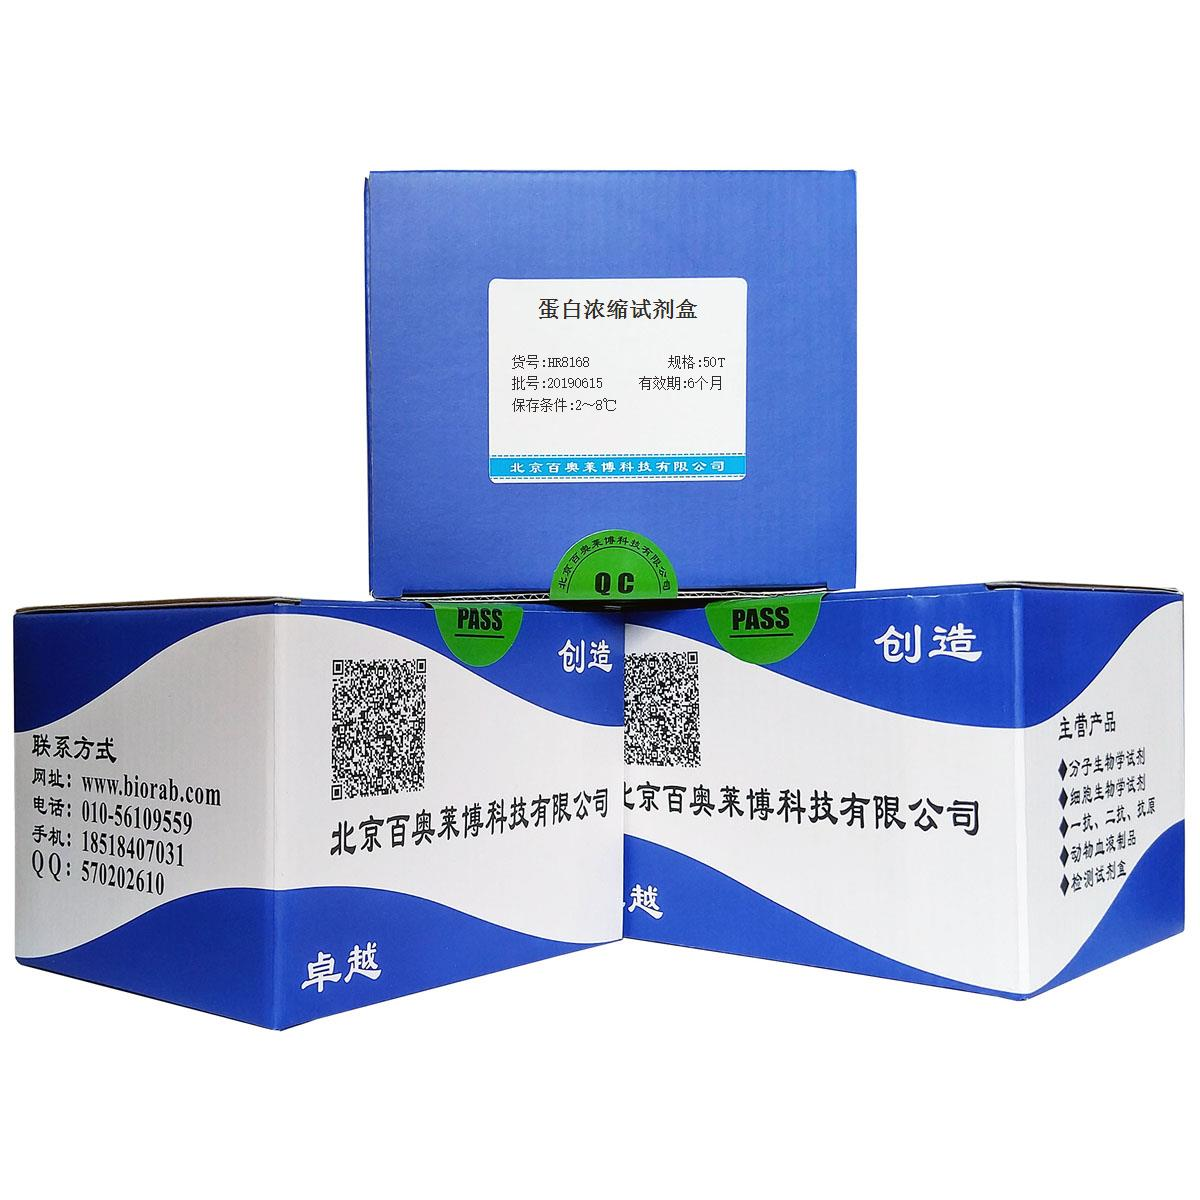 蛋白浓缩试剂盒北京供应商